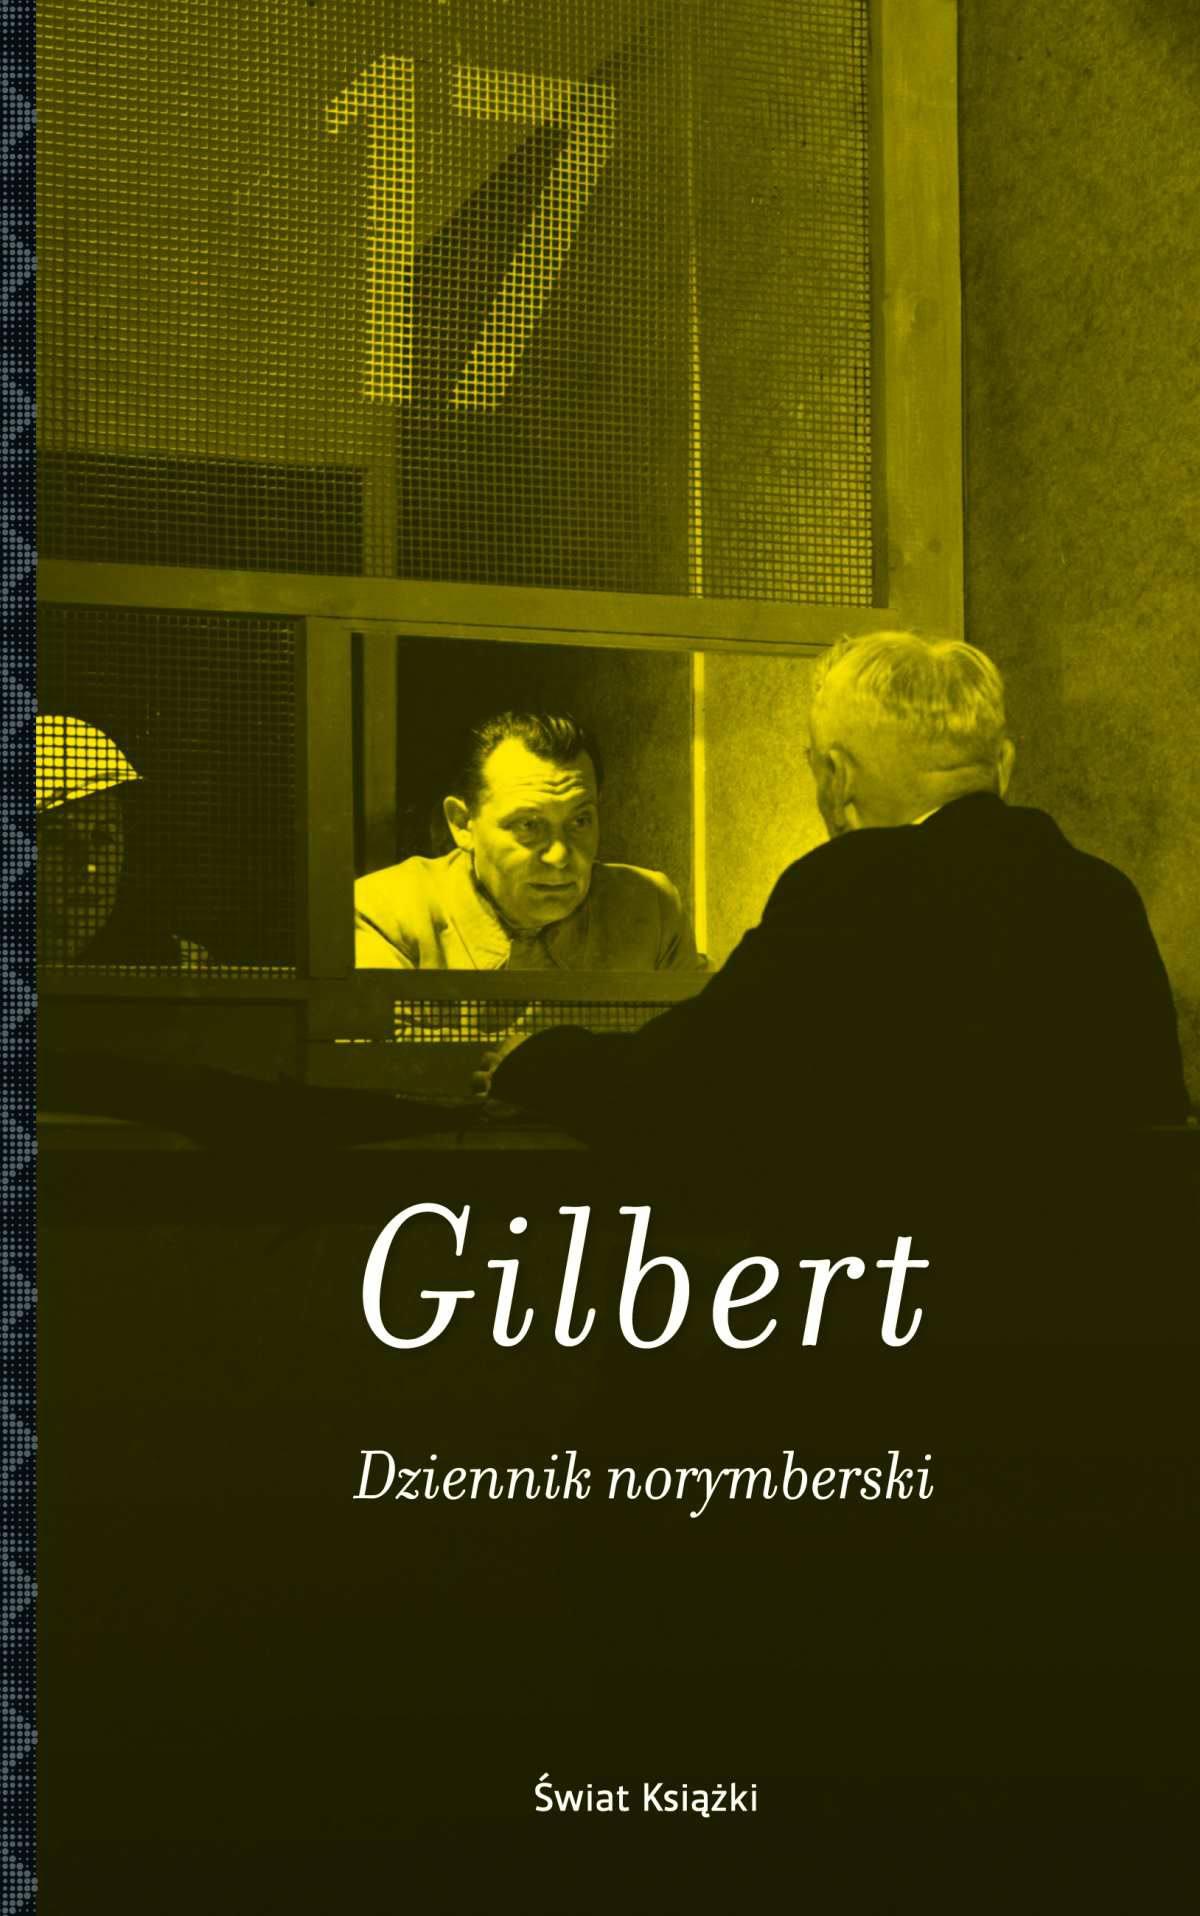 Dziennik norymberski - Ebook (Książka EPUB) do pobrania w formacie EPUB